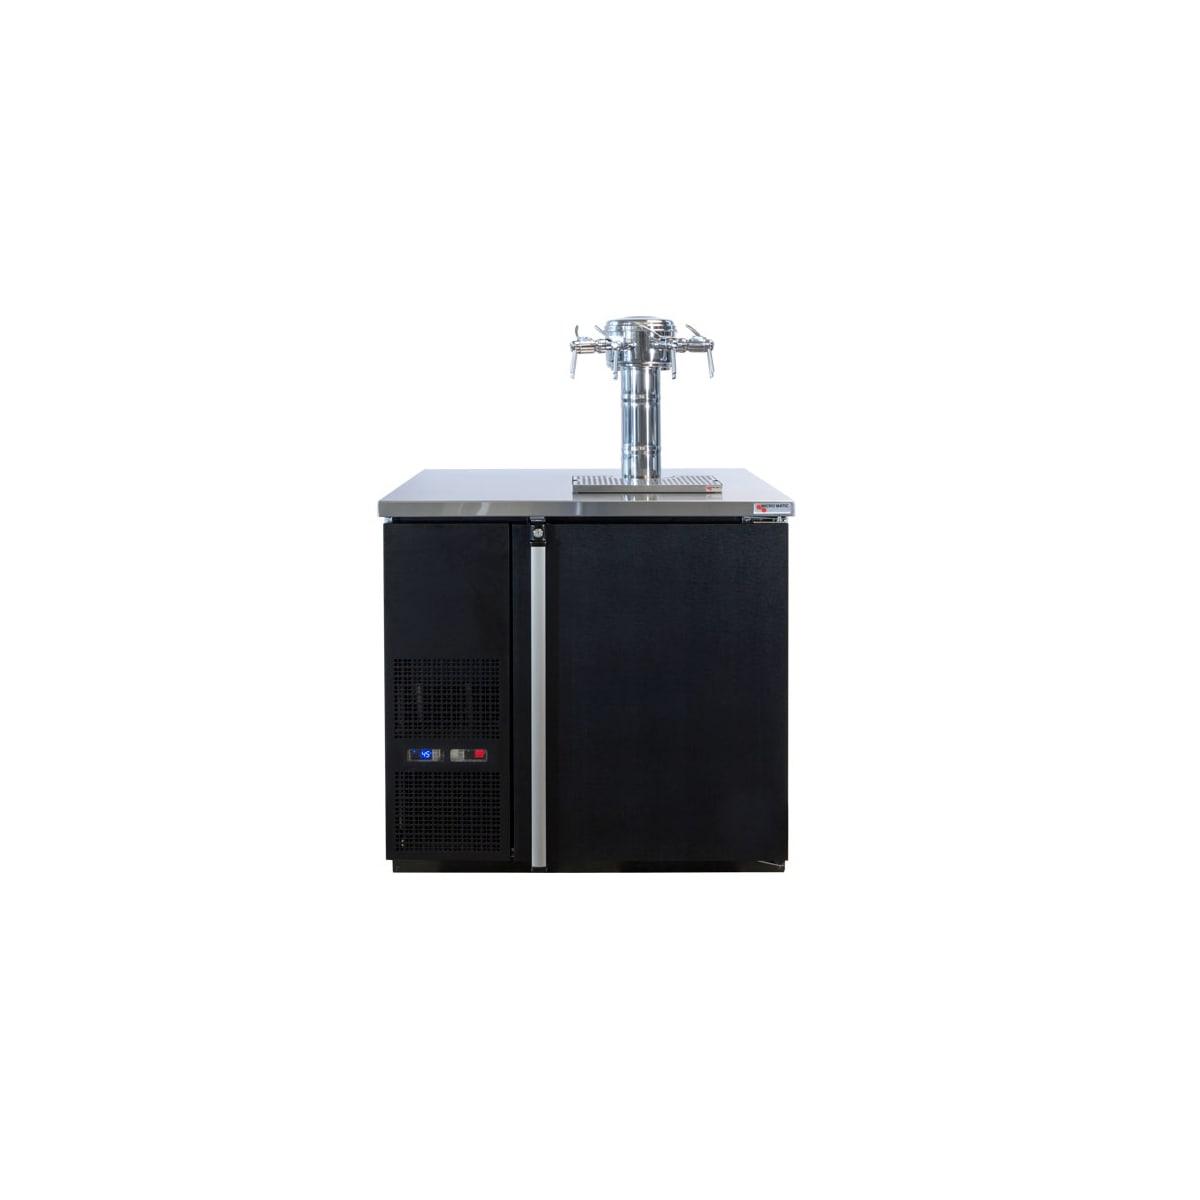 Micromatic MDD36W-E-E